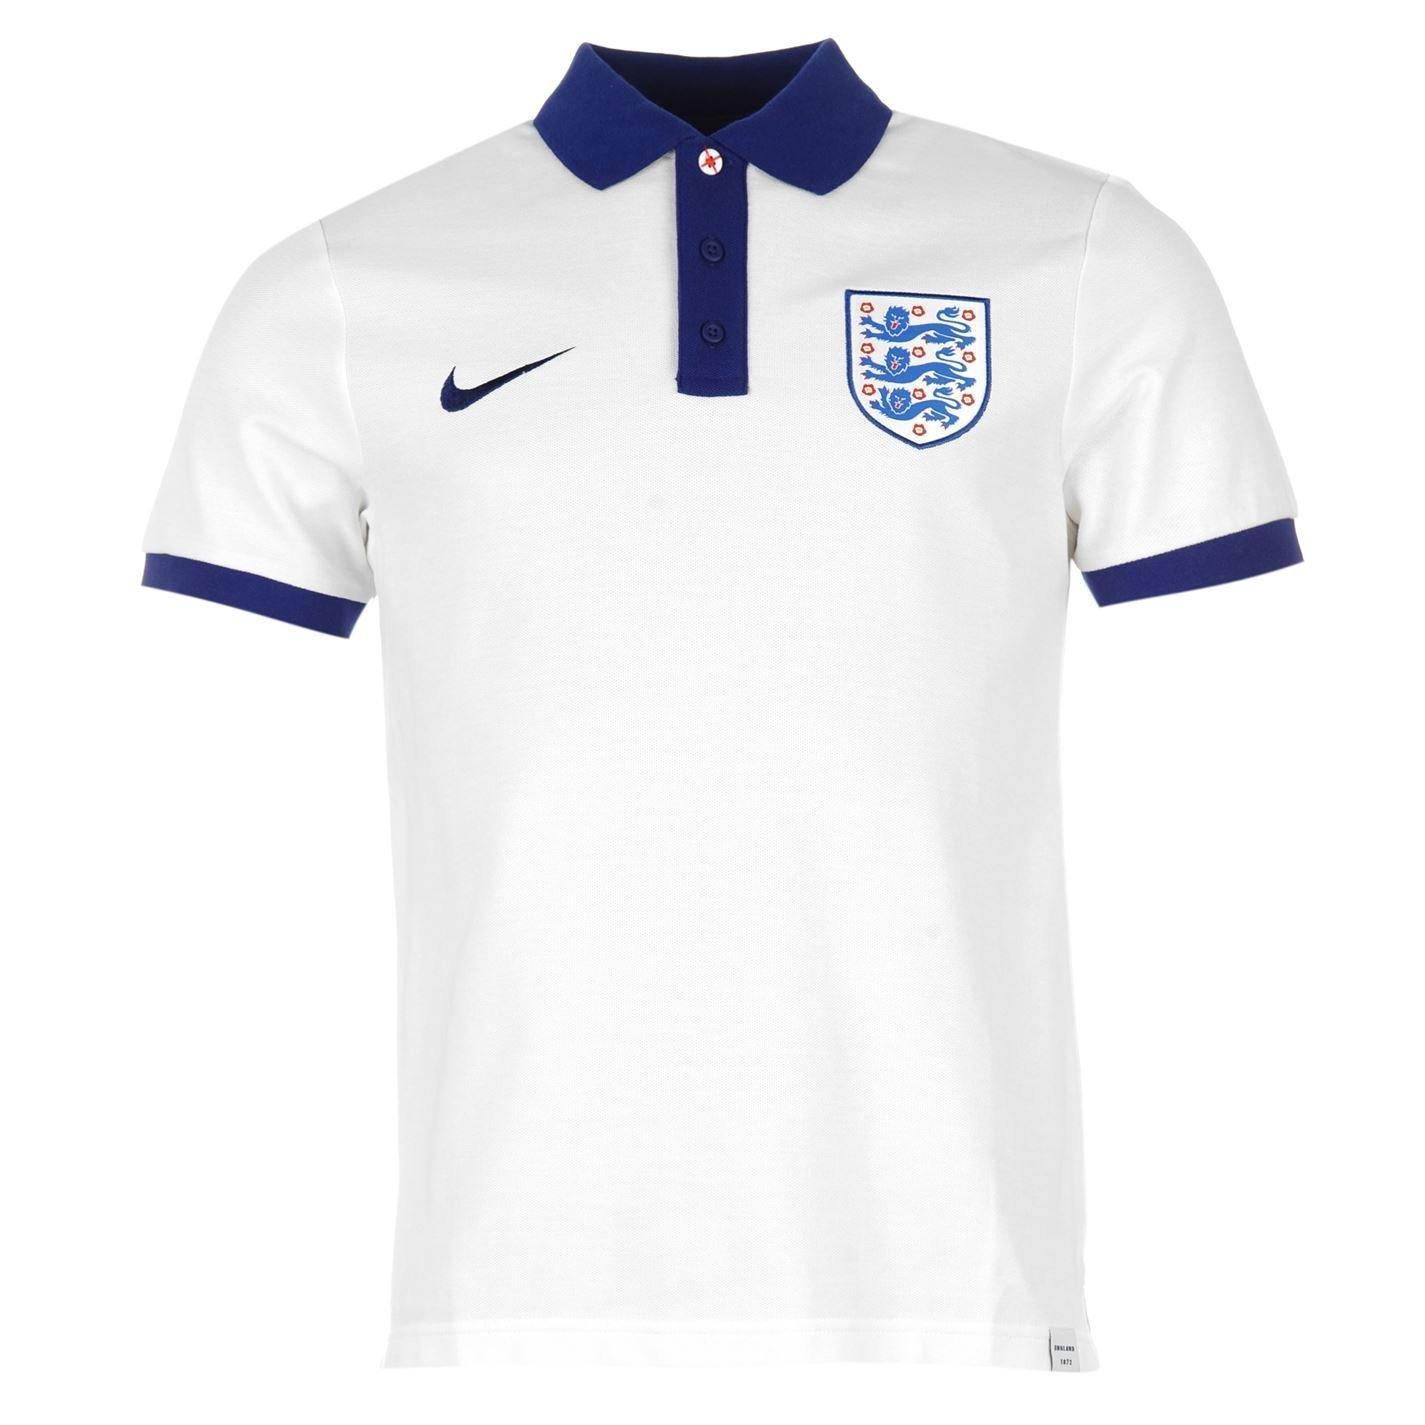 Nike England – Polo para hombre, color blanco/royal de fútbol ...